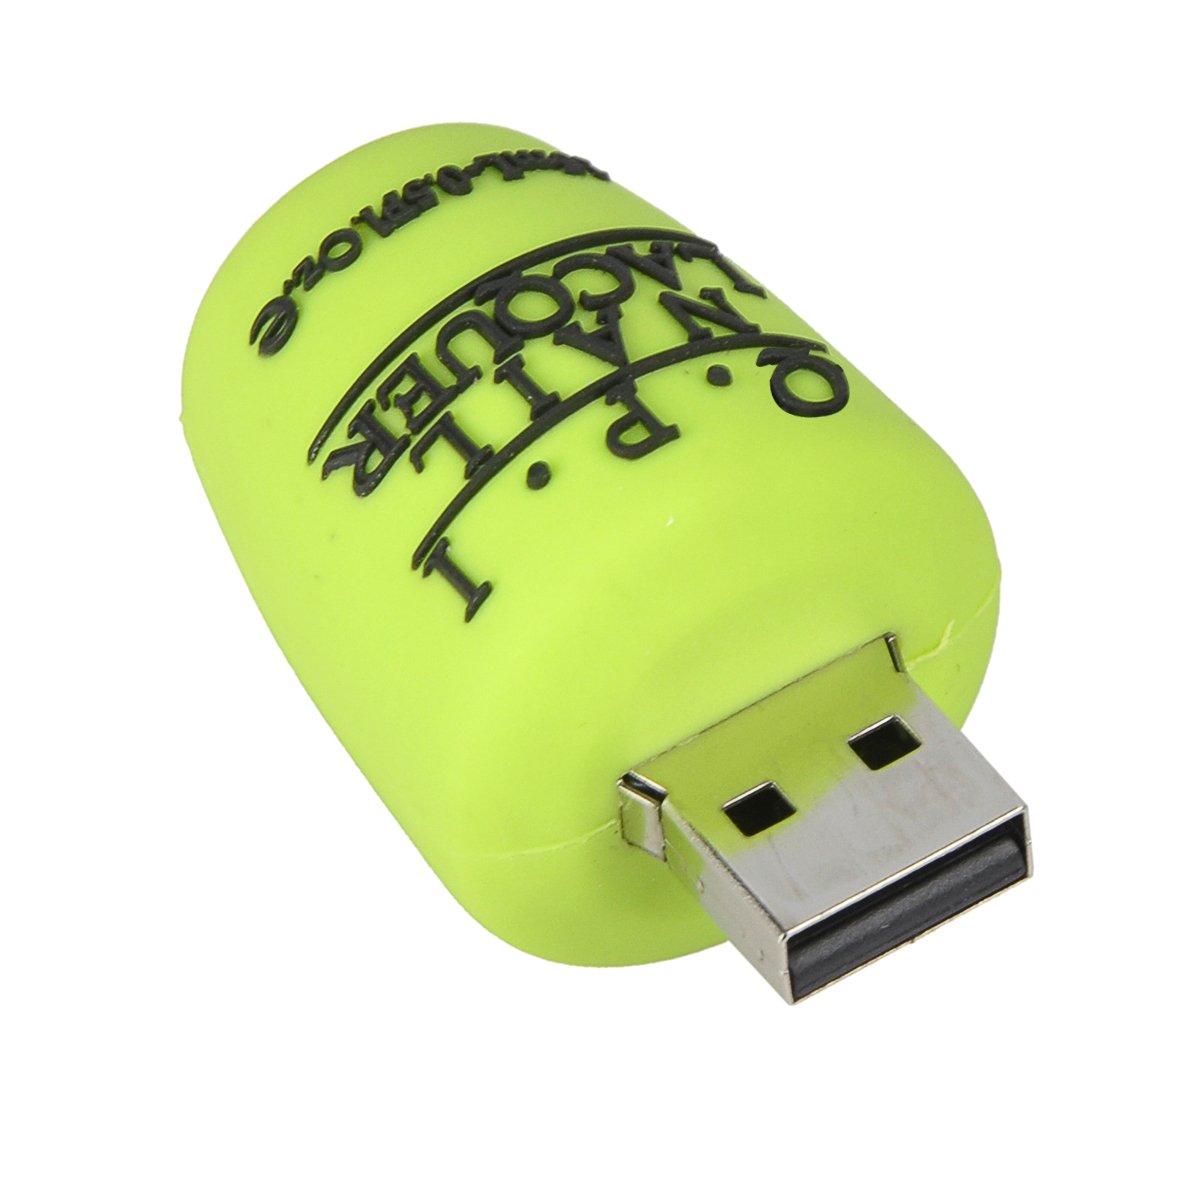 SUNWORLD 16GB USB Stick 2.0 Speicherstick Nagellack Novelty Original Nail Polish Flasche Grün für kinder mädchen